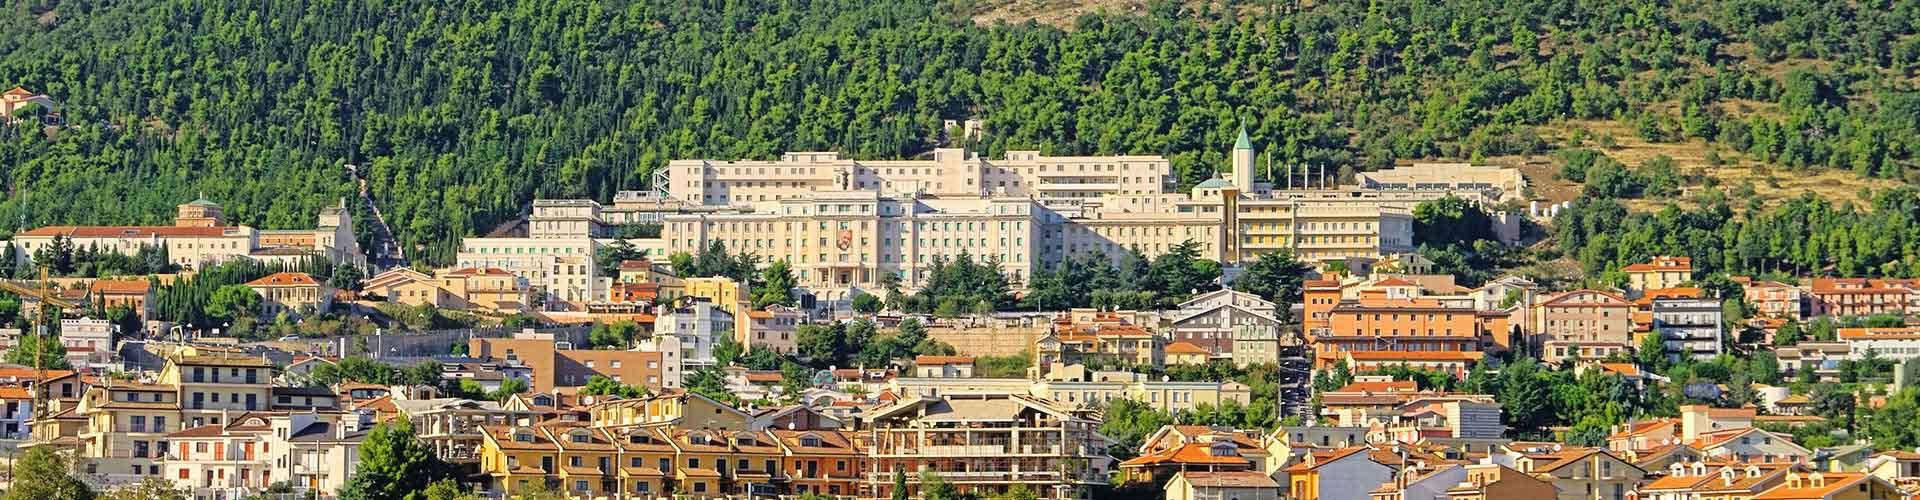 피렌체 - San Giovanni지역에 위치한 호텔. 피렌체의 지도, 피렌체에 위치한 호텔에 대한 사진 및 리뷰.